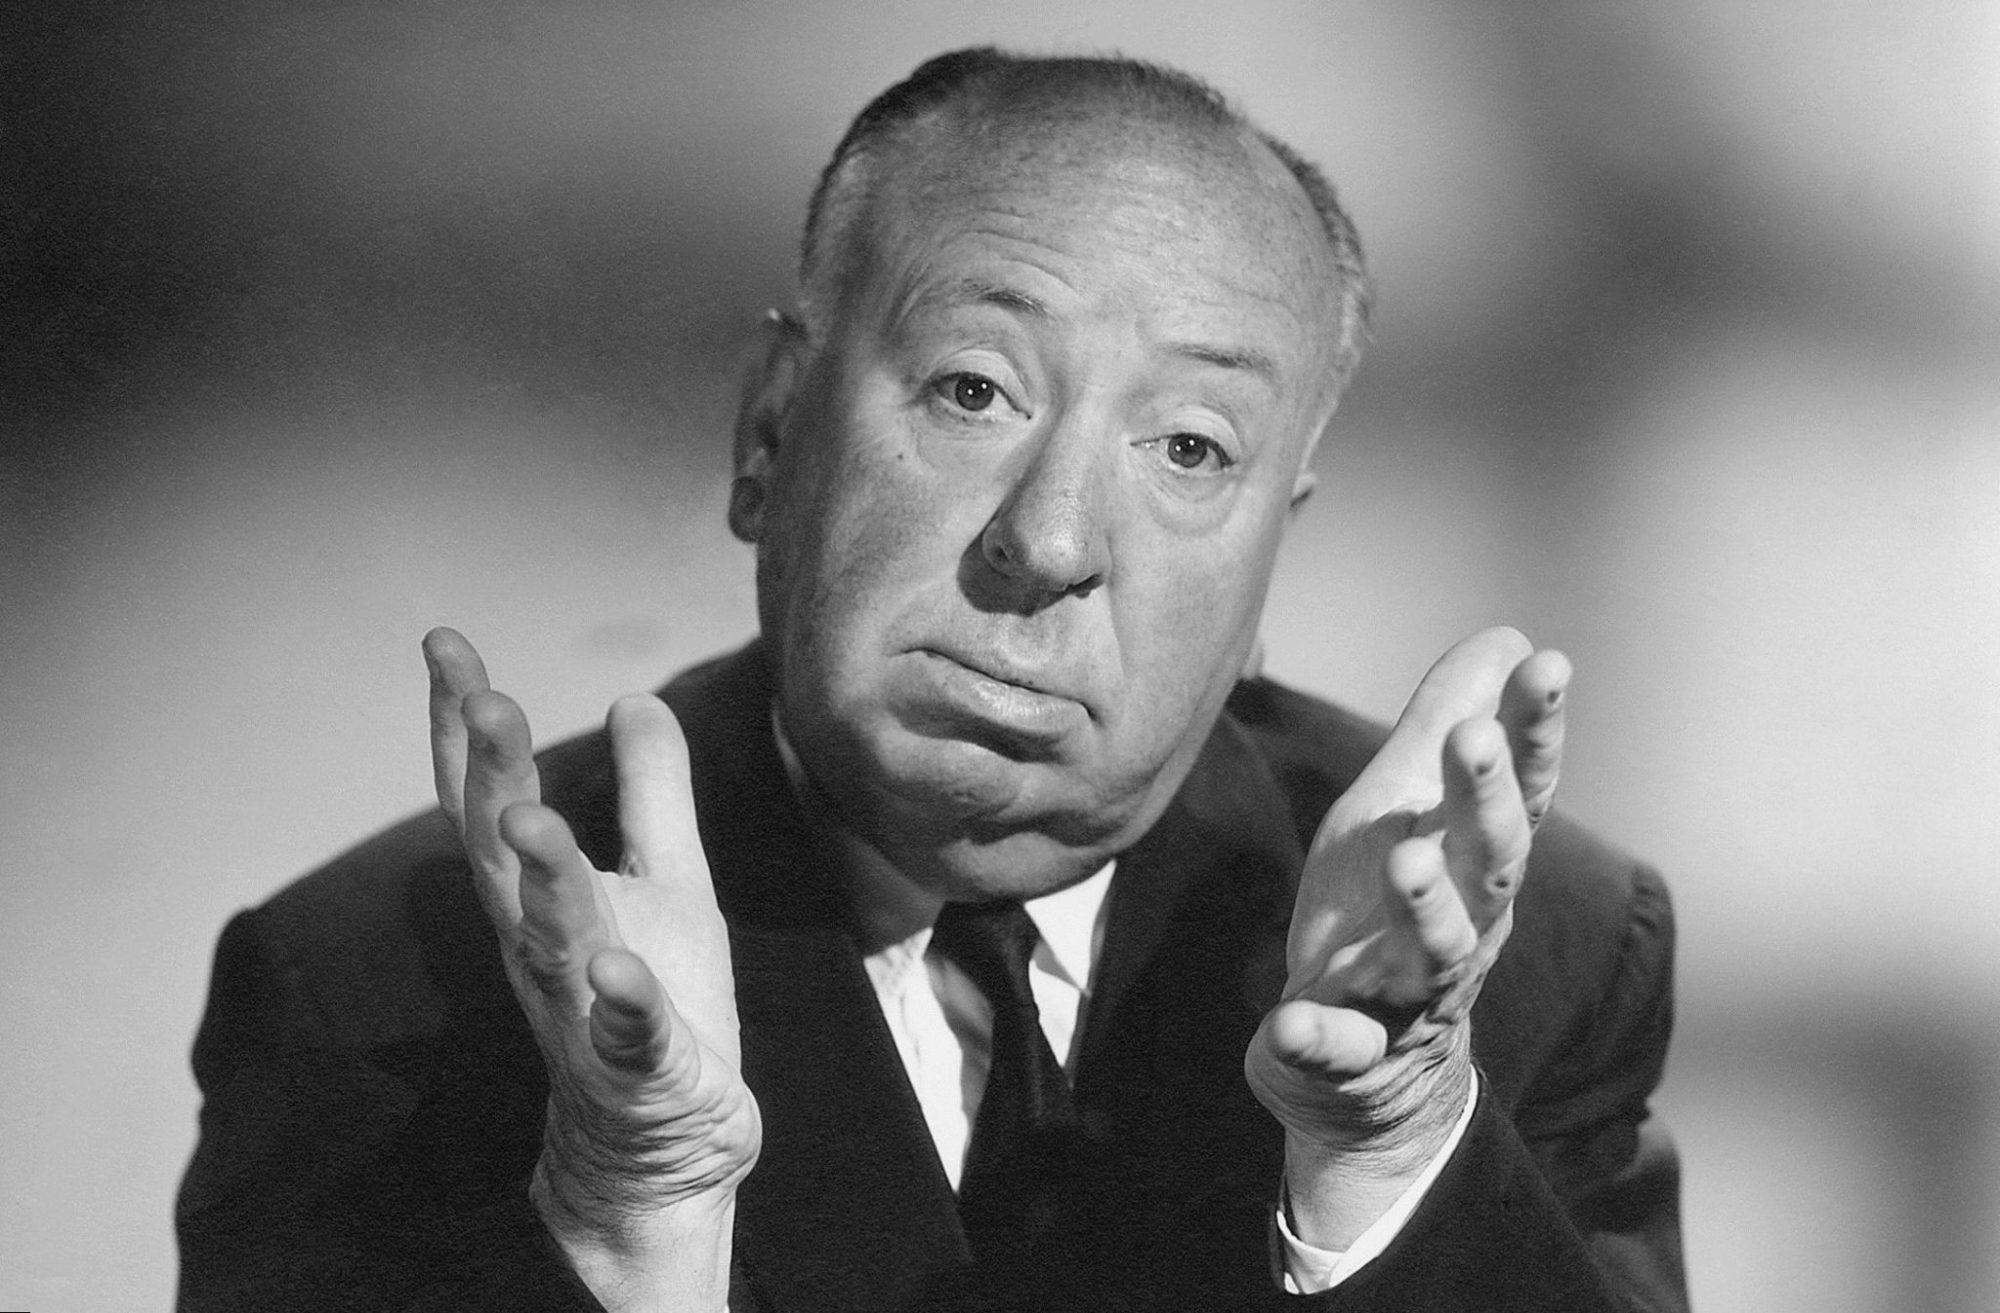 Der Regisseur Alfred Hitchcock